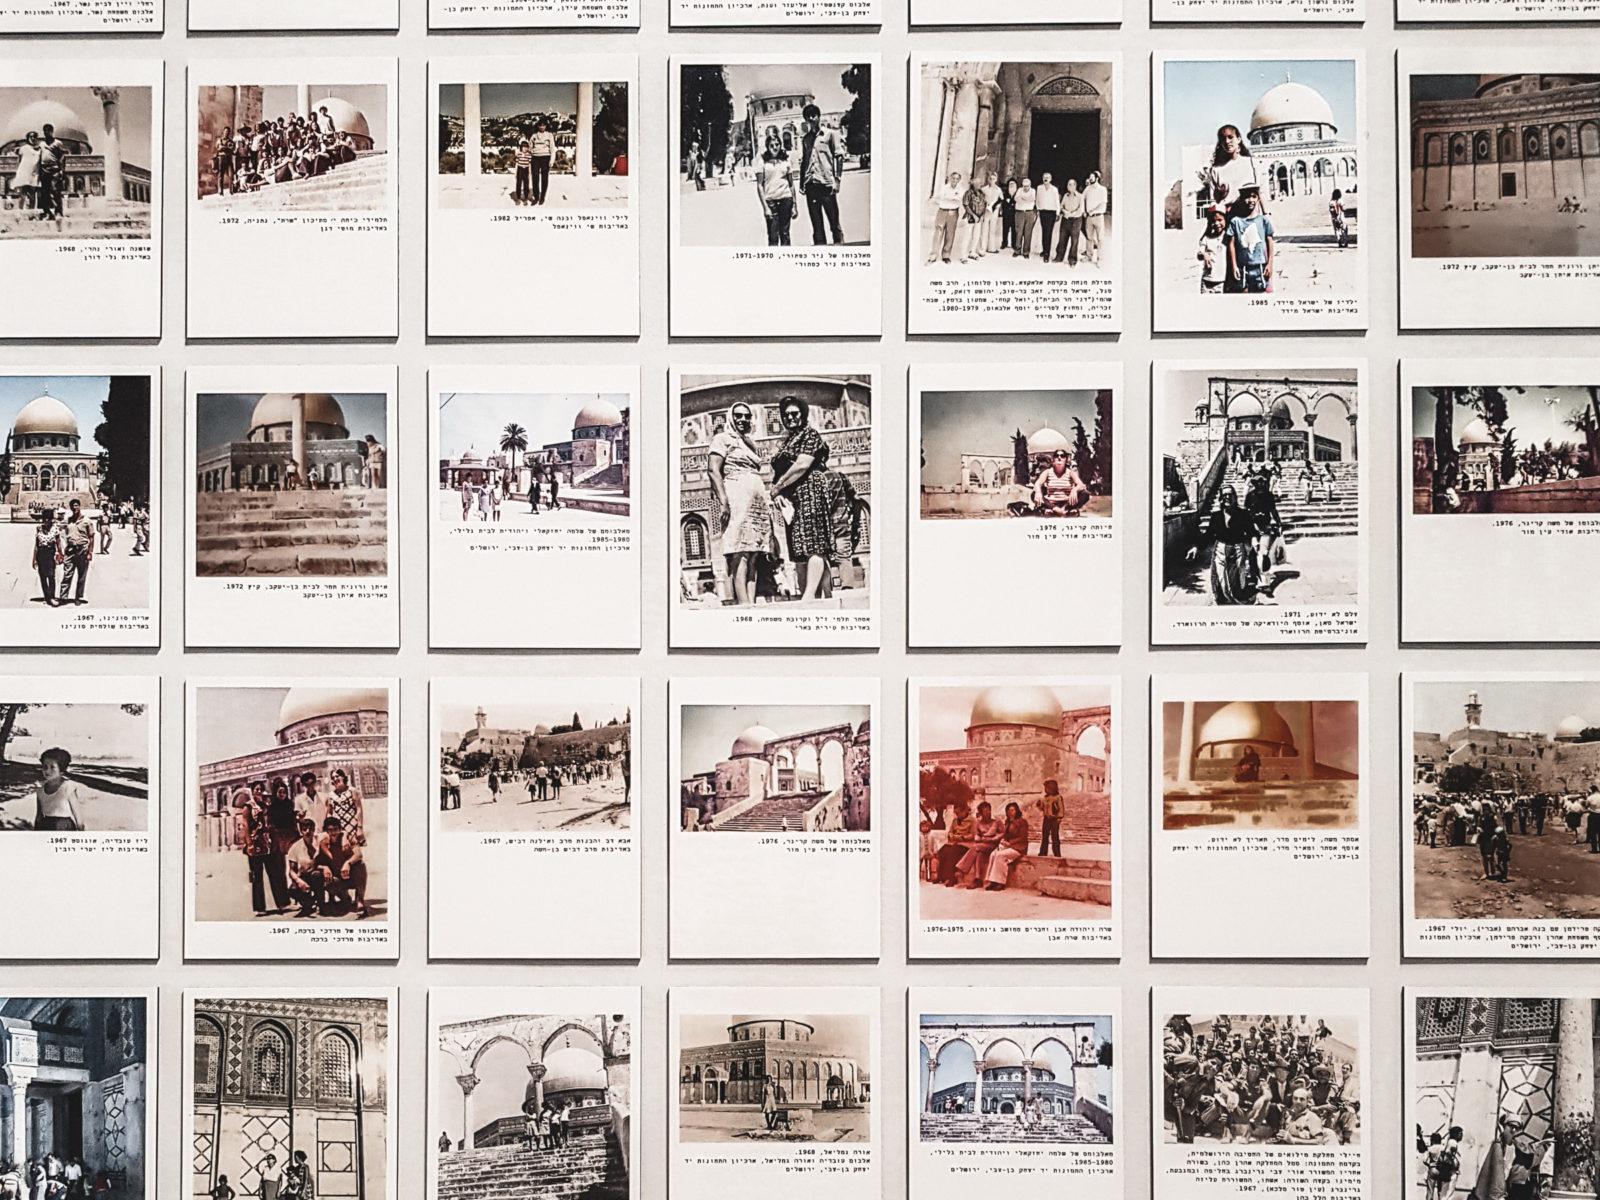 Fotoausstellung Felsendom